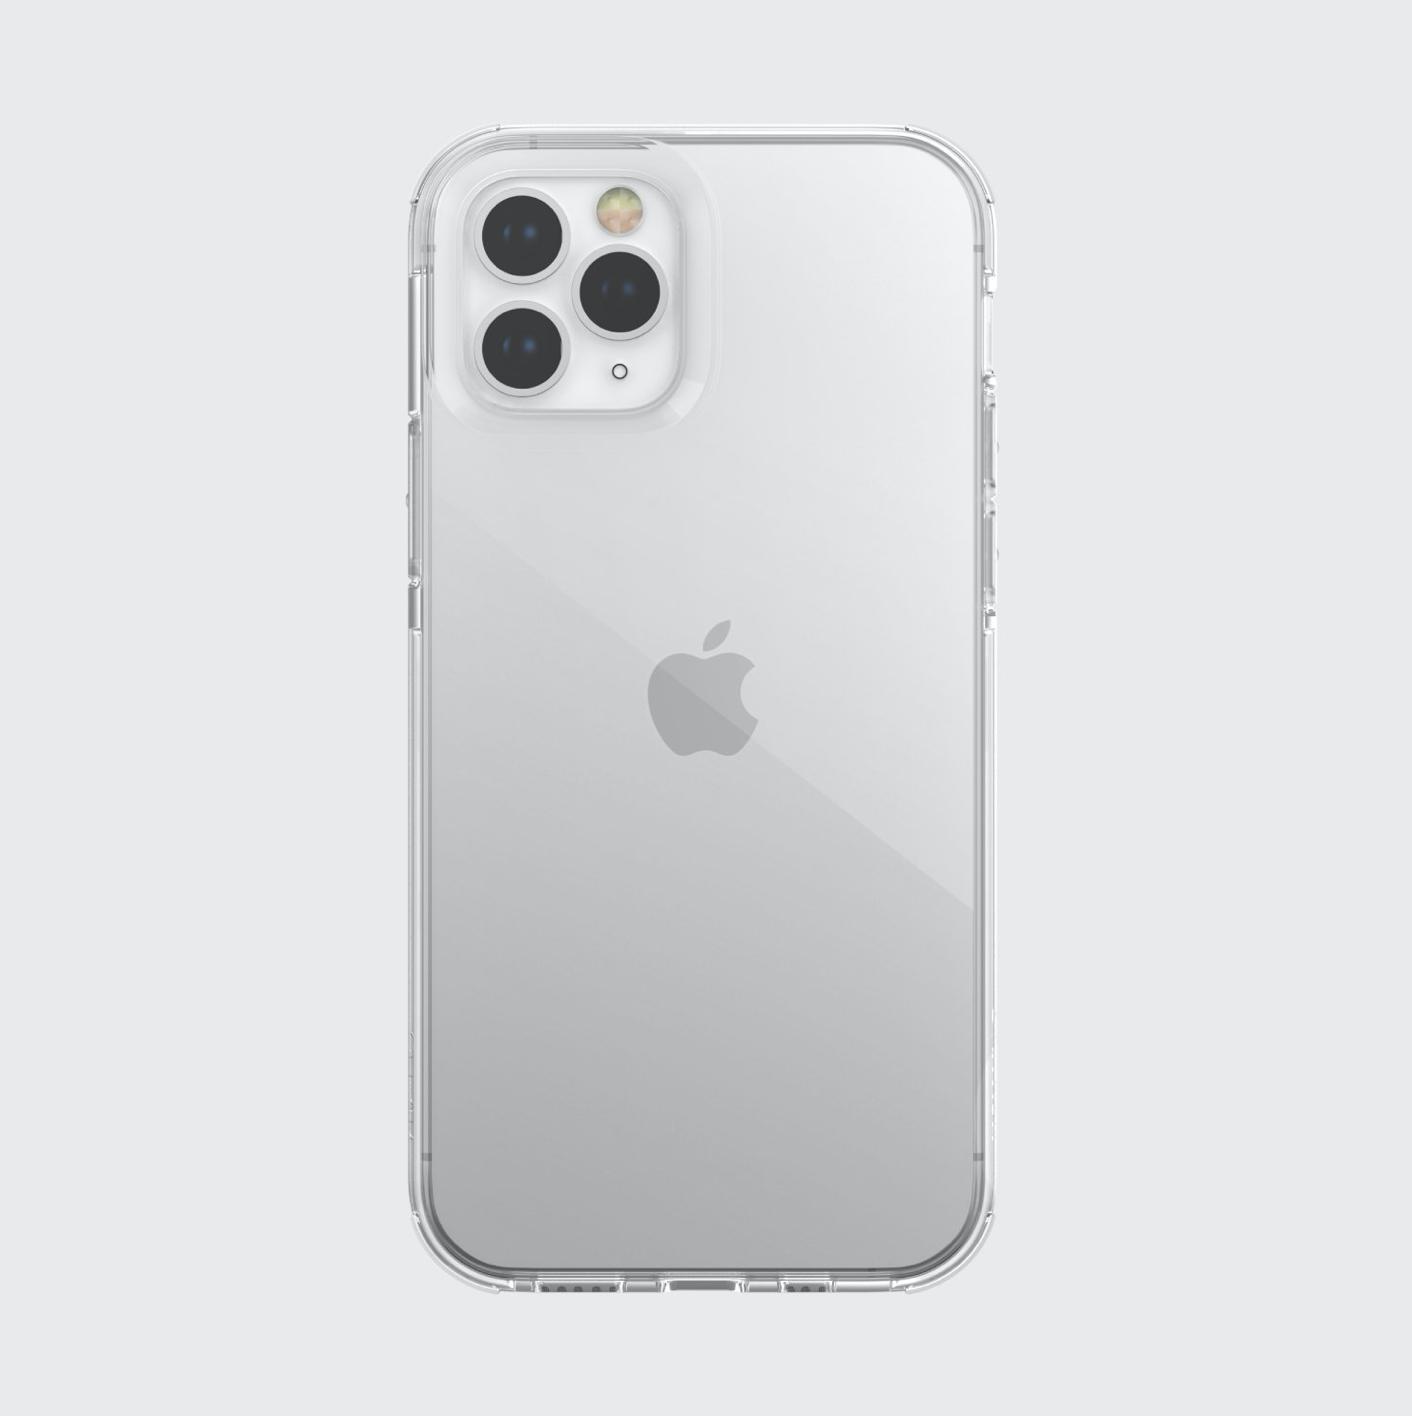 Estuche XDORIA Raptic Clear Transparente - IPHONE 12 MINI 5.4